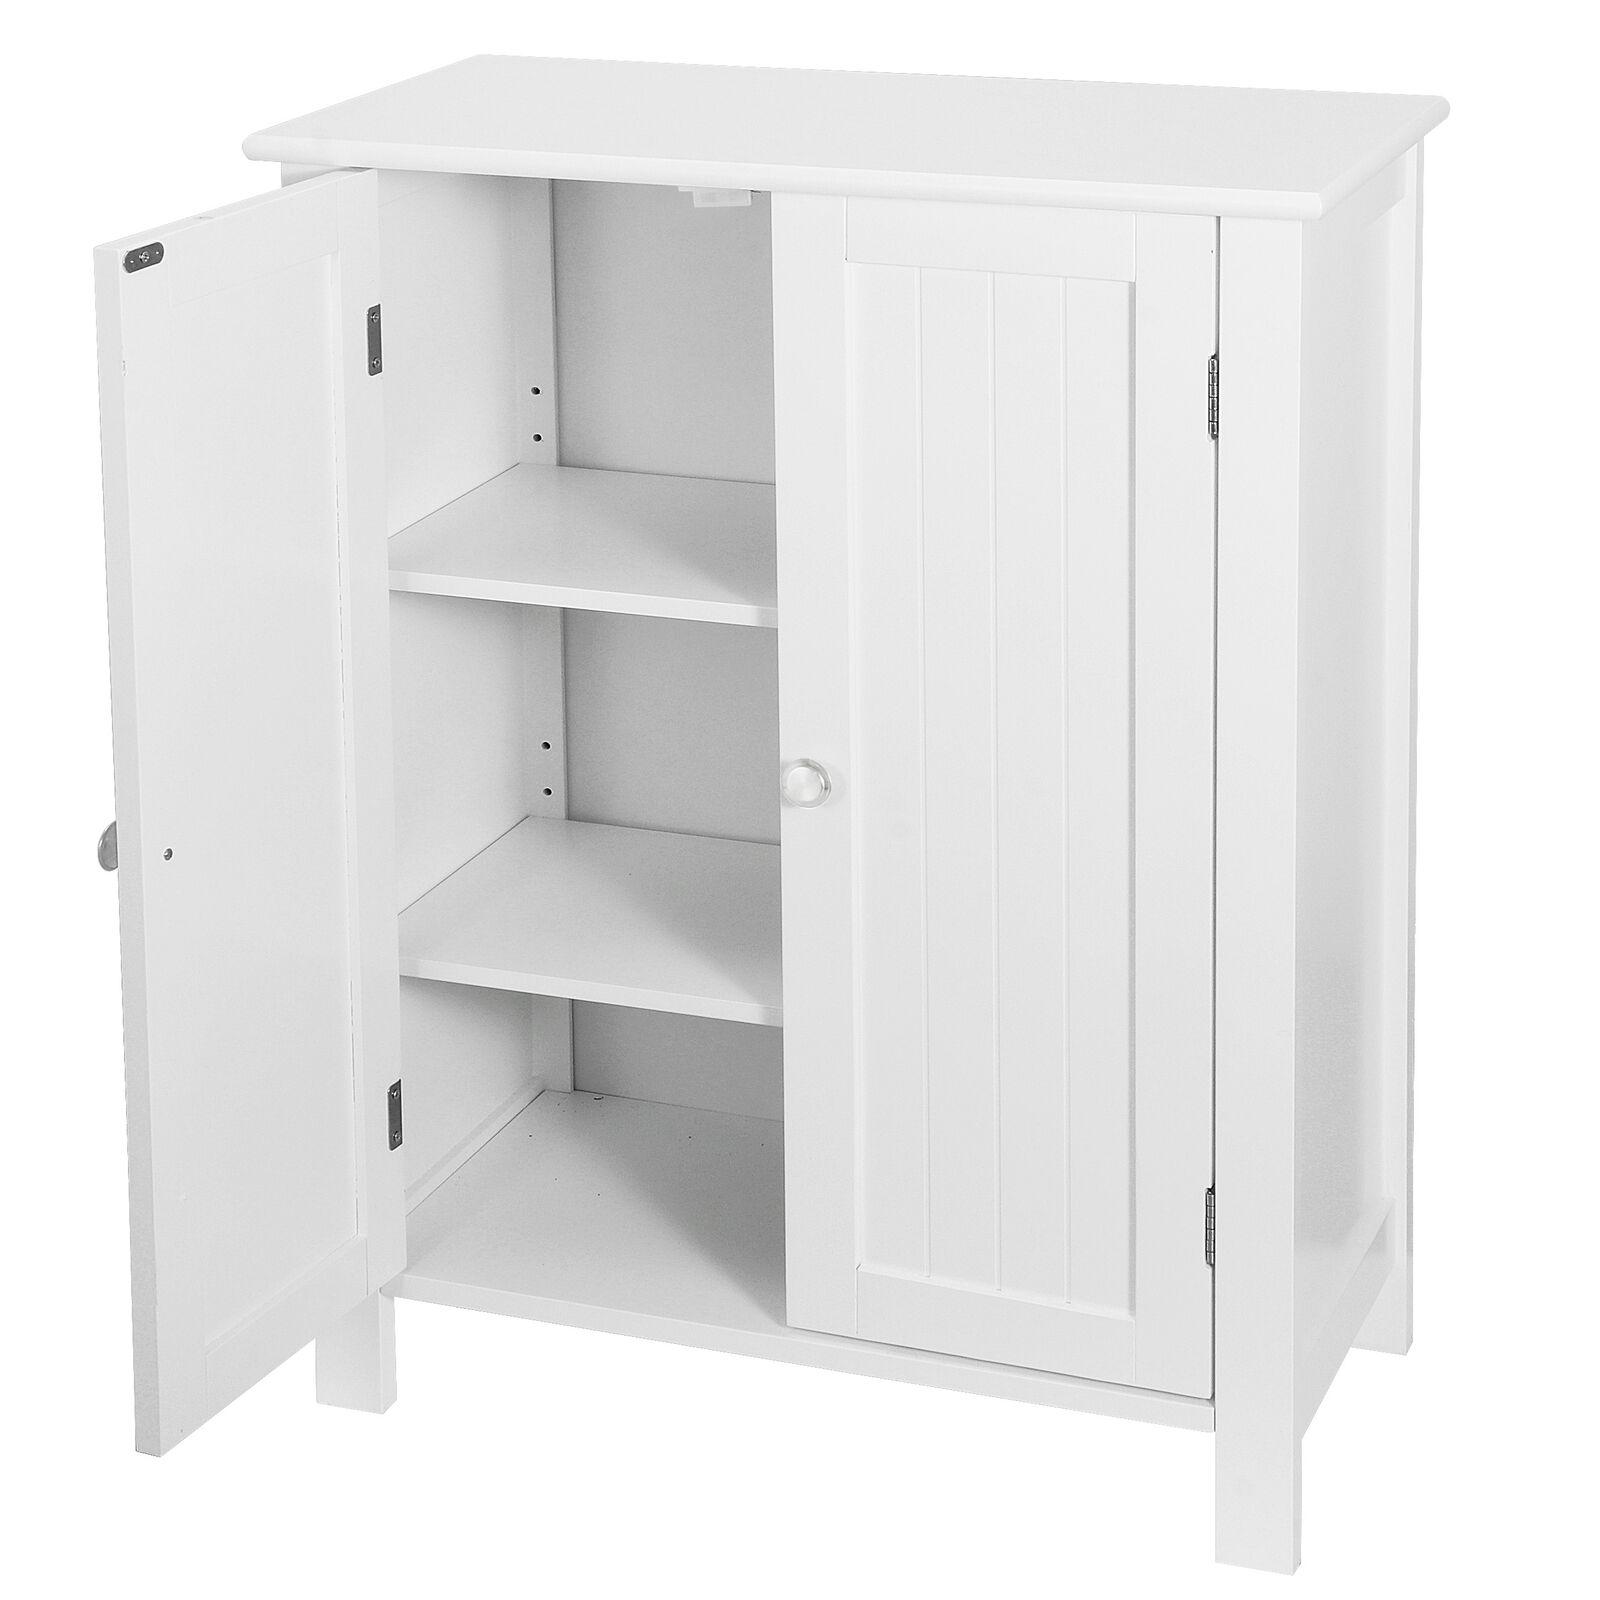 Vasagle Standing Bathroom Cabinet With Drawer And Adjustable Shelf Kitchen For Sale Online Ebay